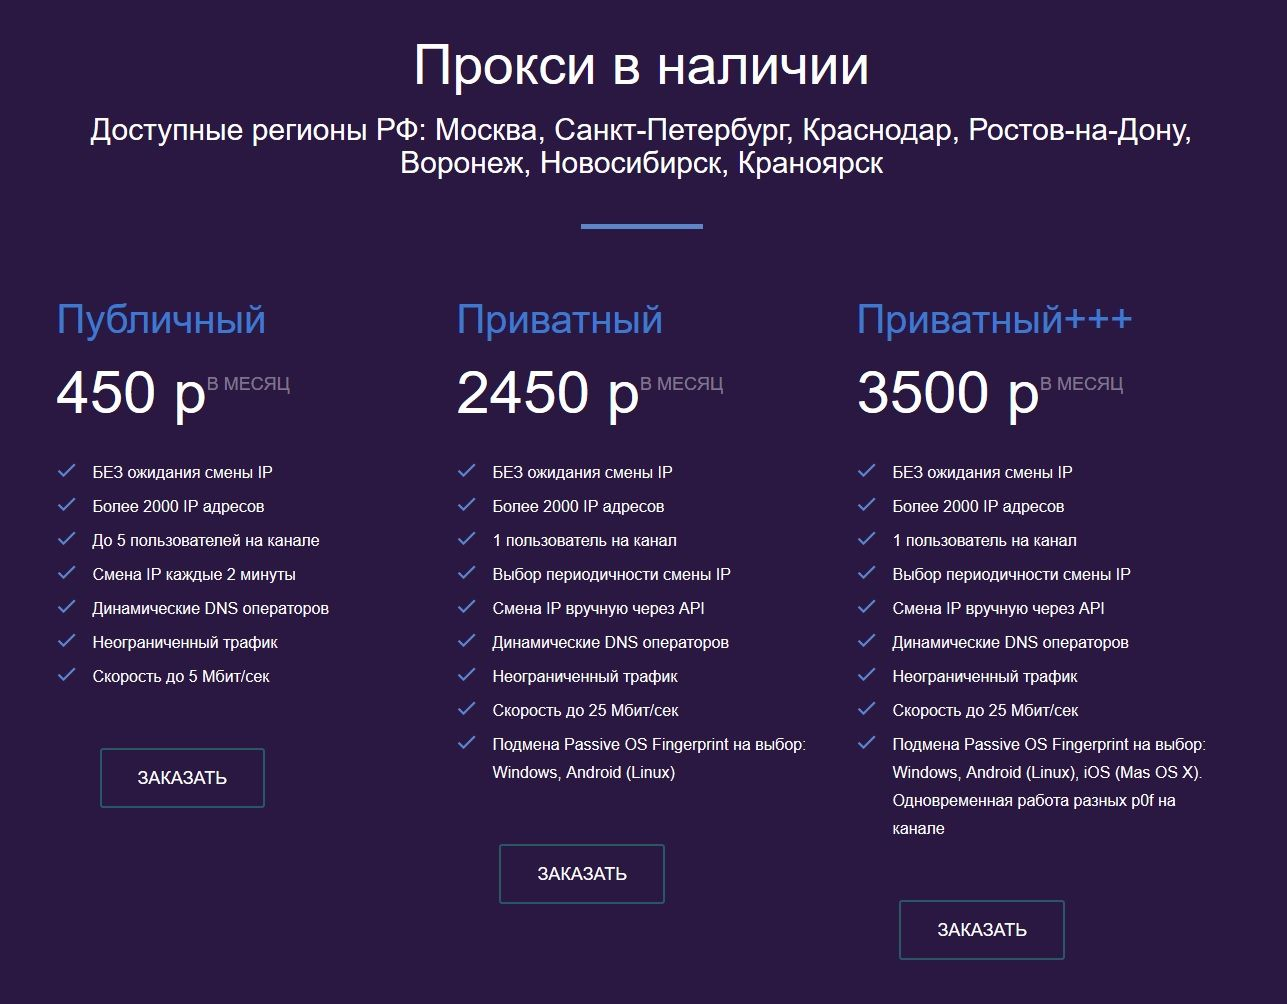 Мобильные прокси для Инстаграм True Proxy: публичные и приватные каналы можно тестировать 4 часа бесплатно по запросу в support